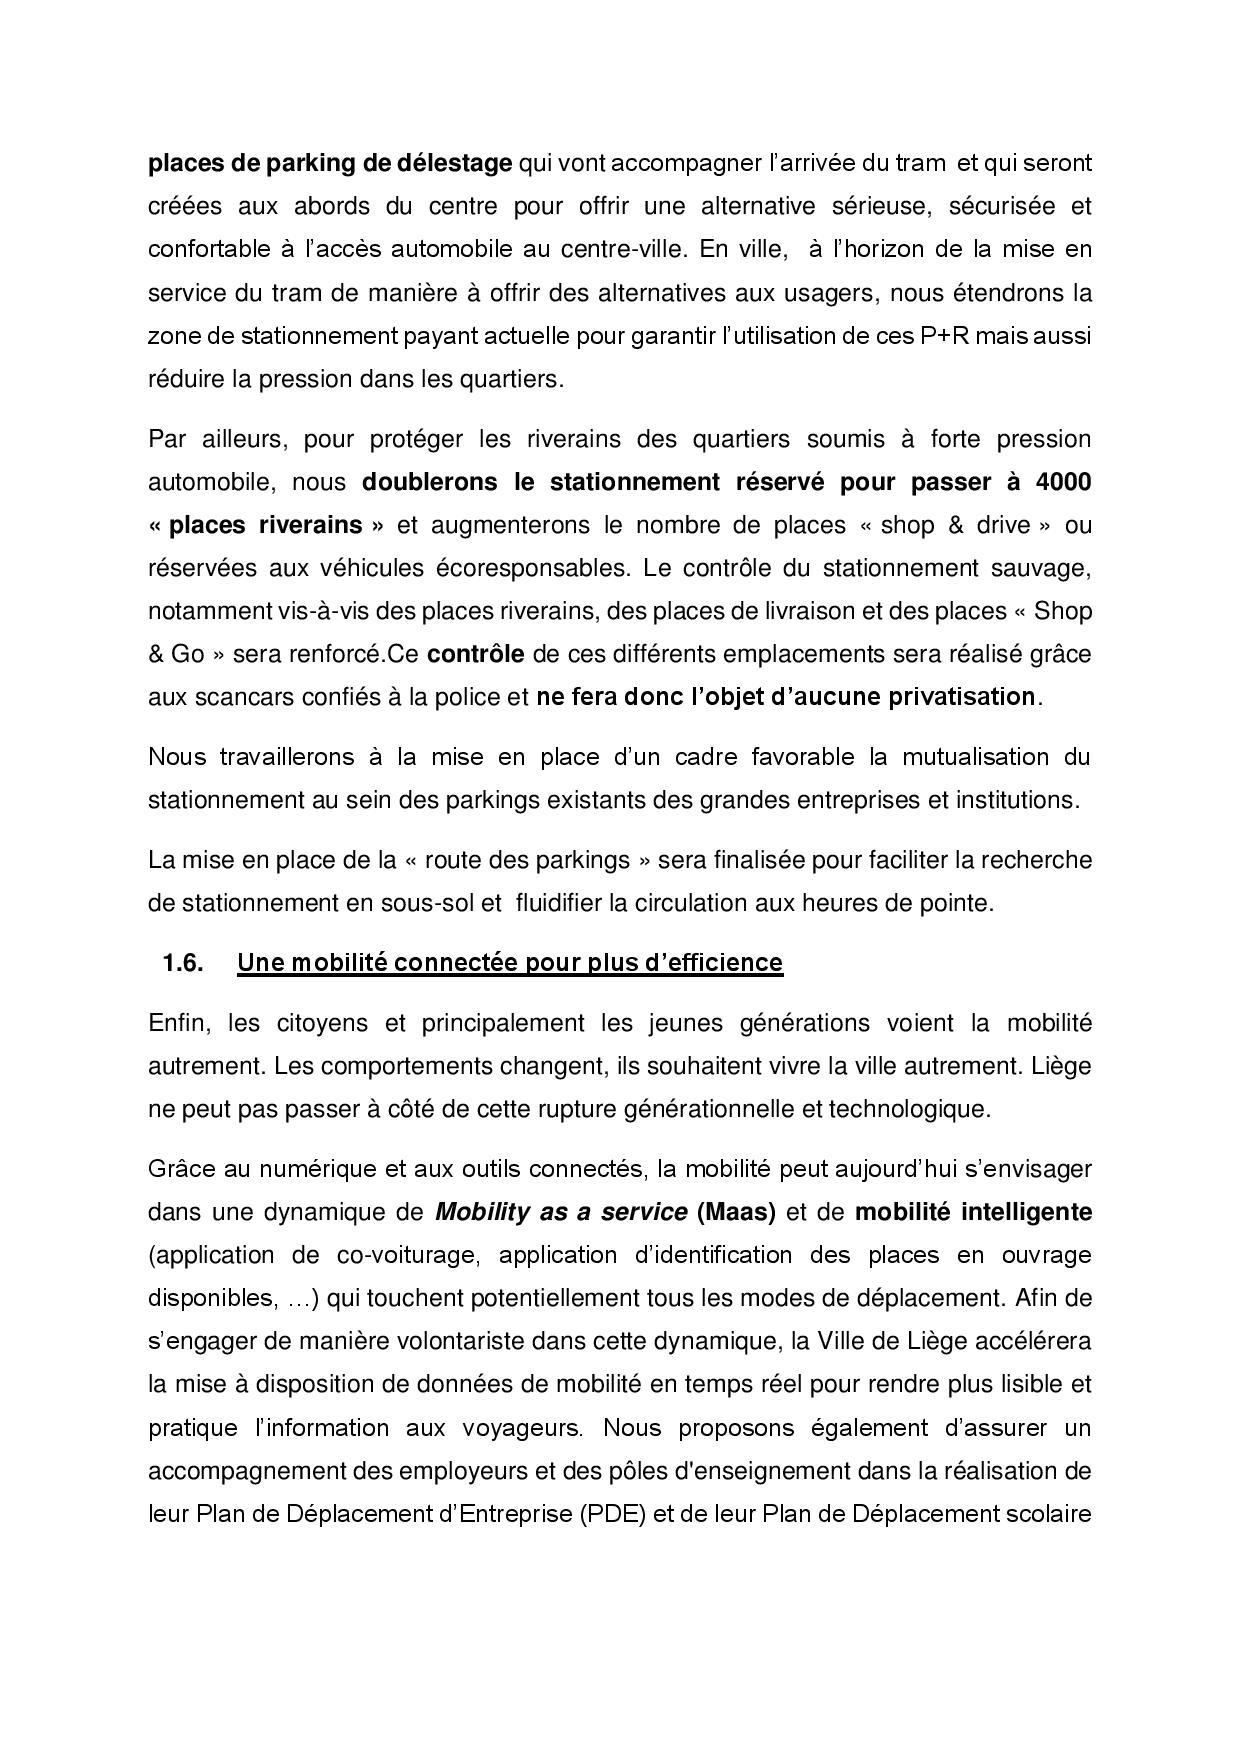 Mobilité (page 06)